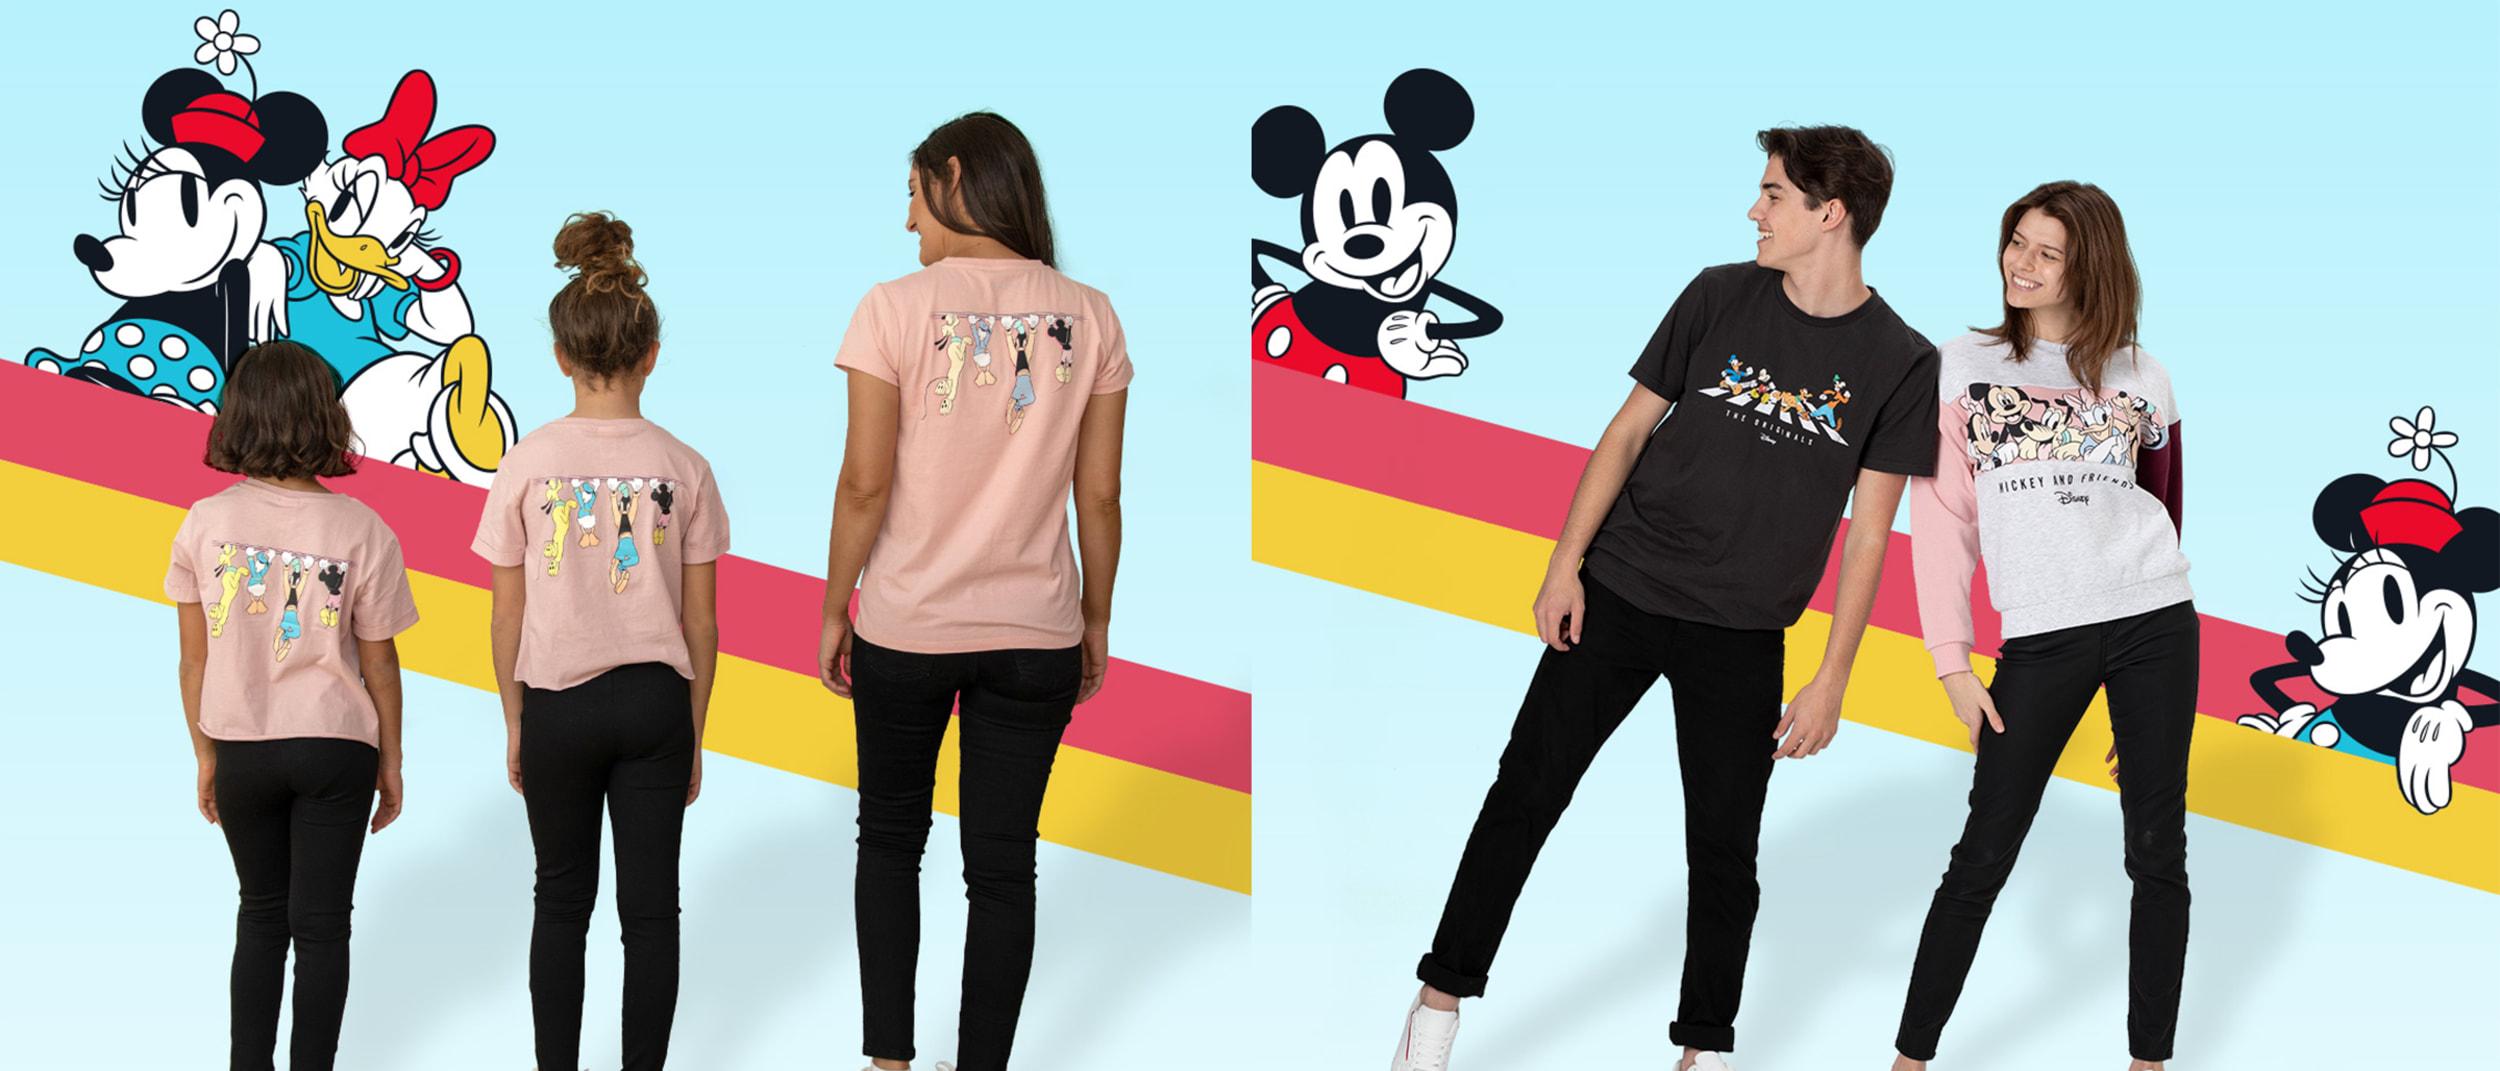 BIG W celebrates #BigFriendships with new Disney apparel